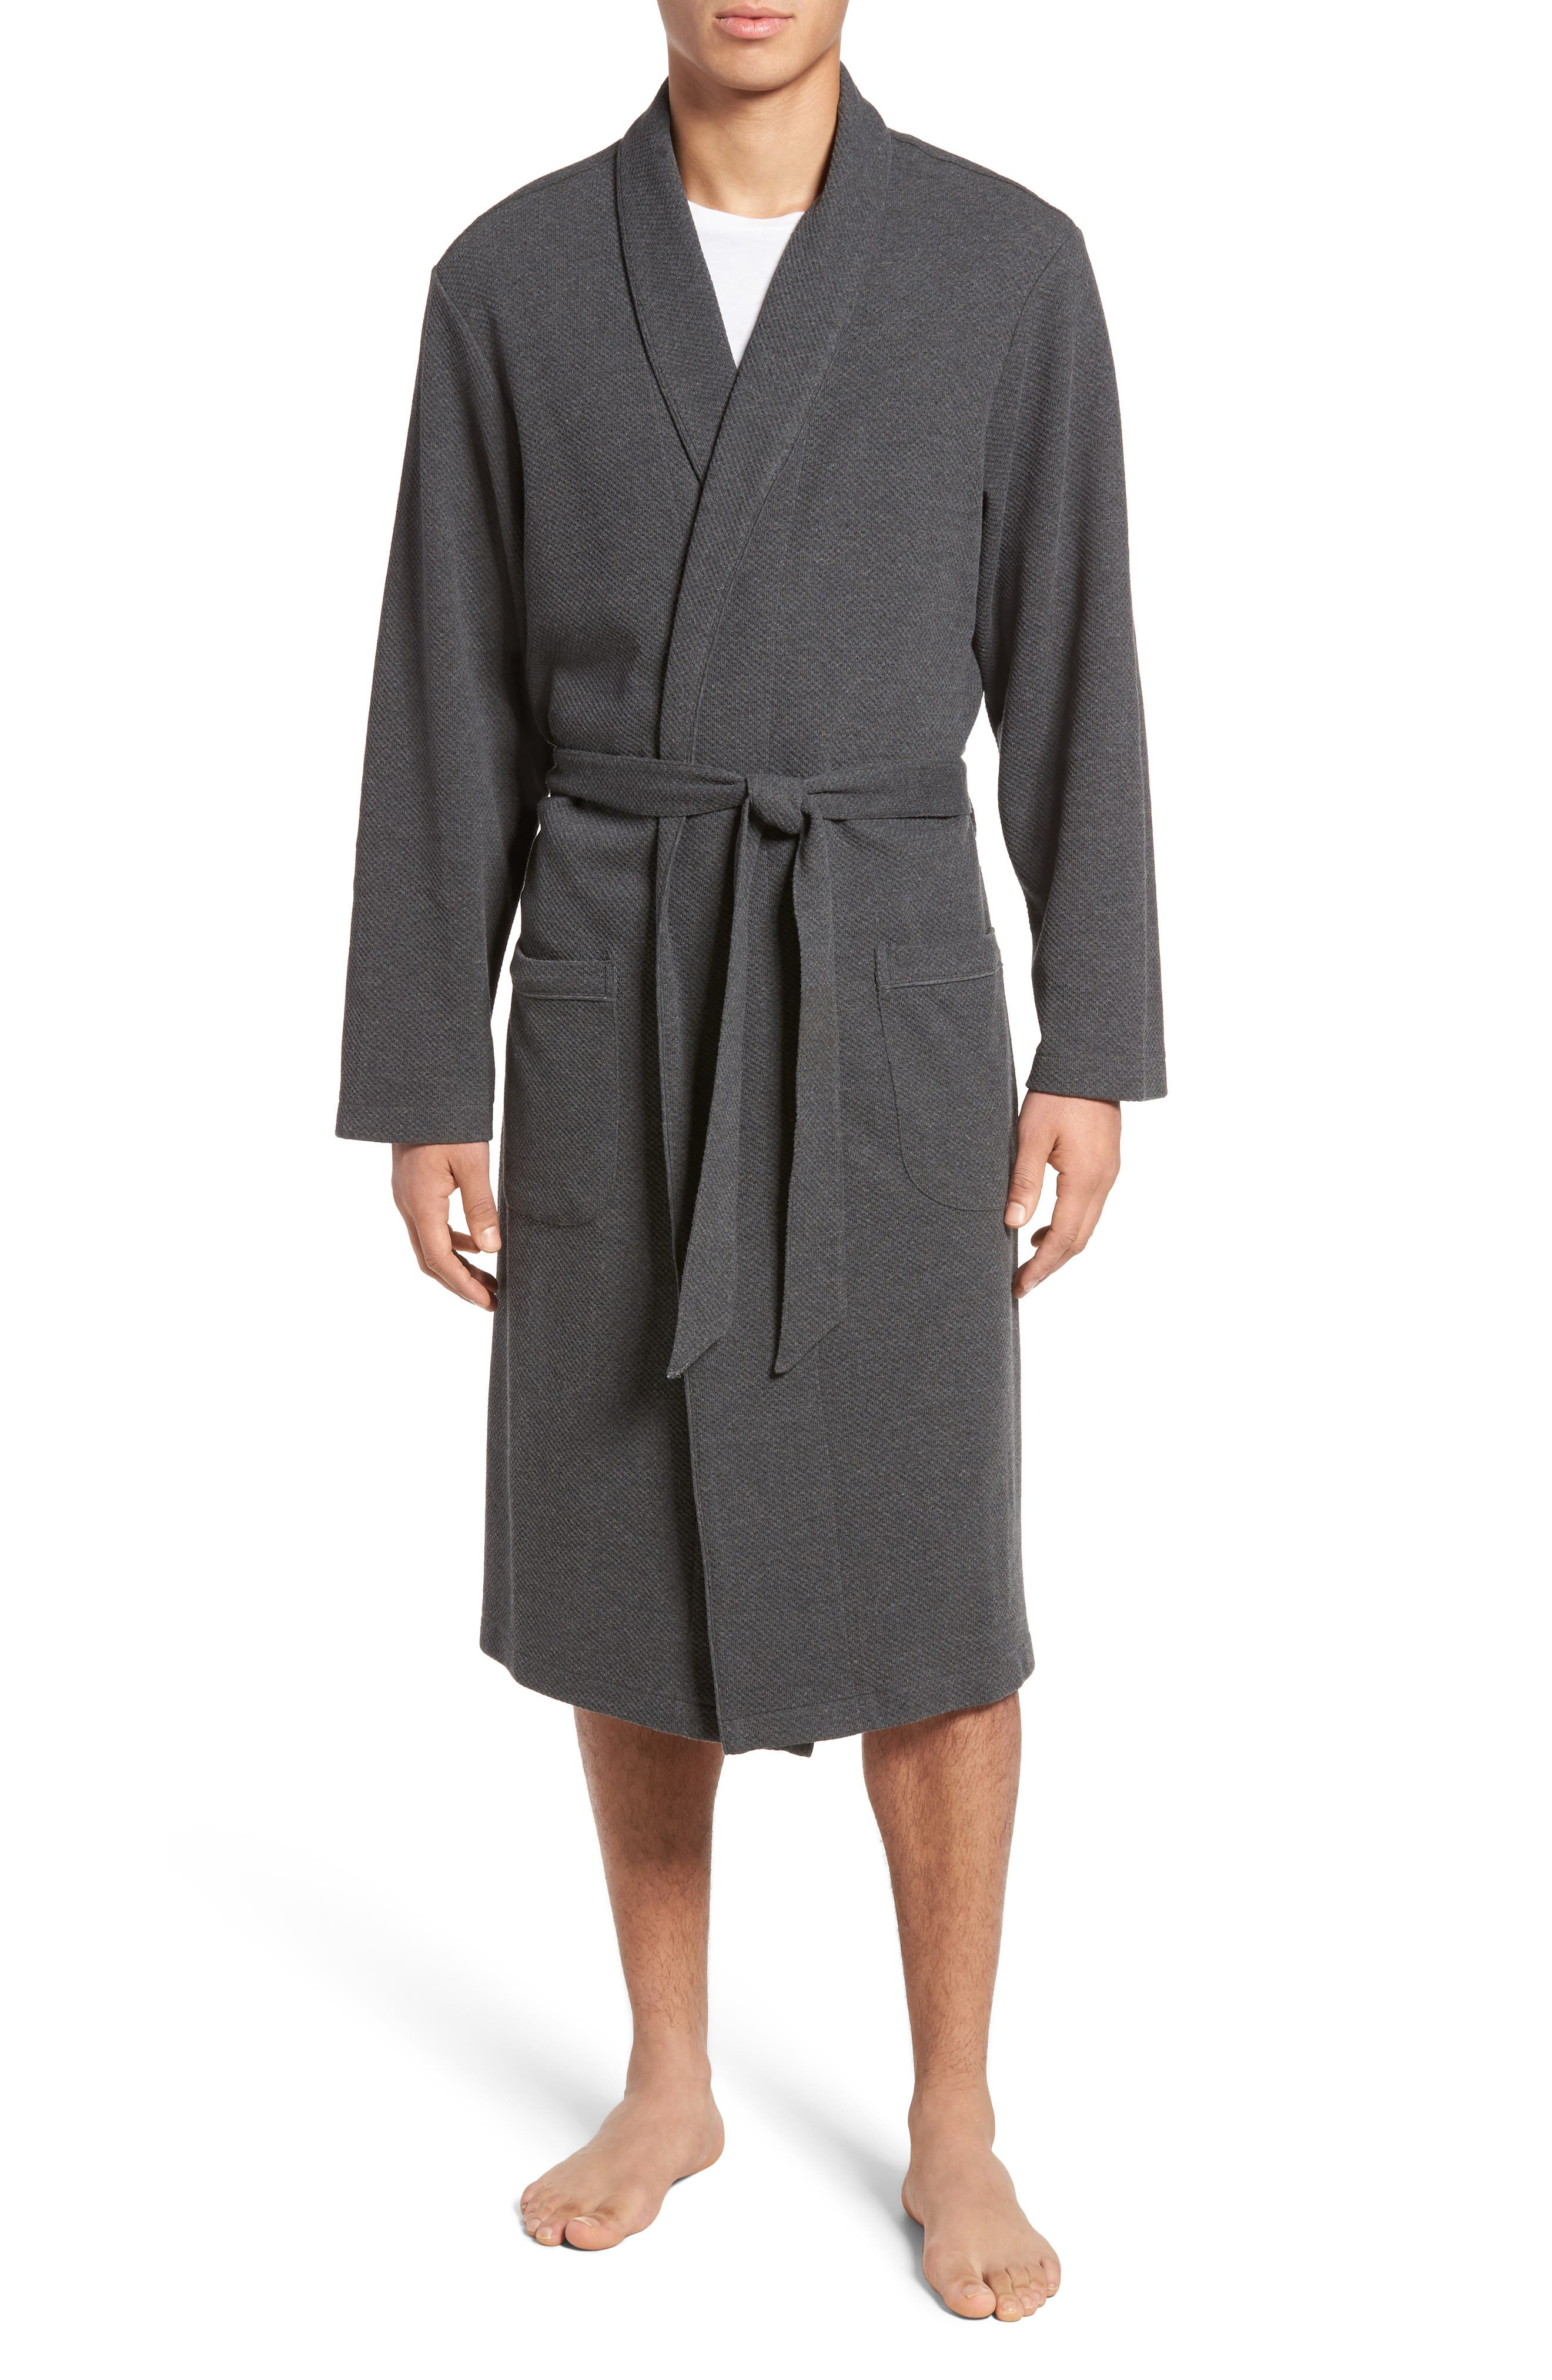 Nordstrom Men's Shop Thermal Robe